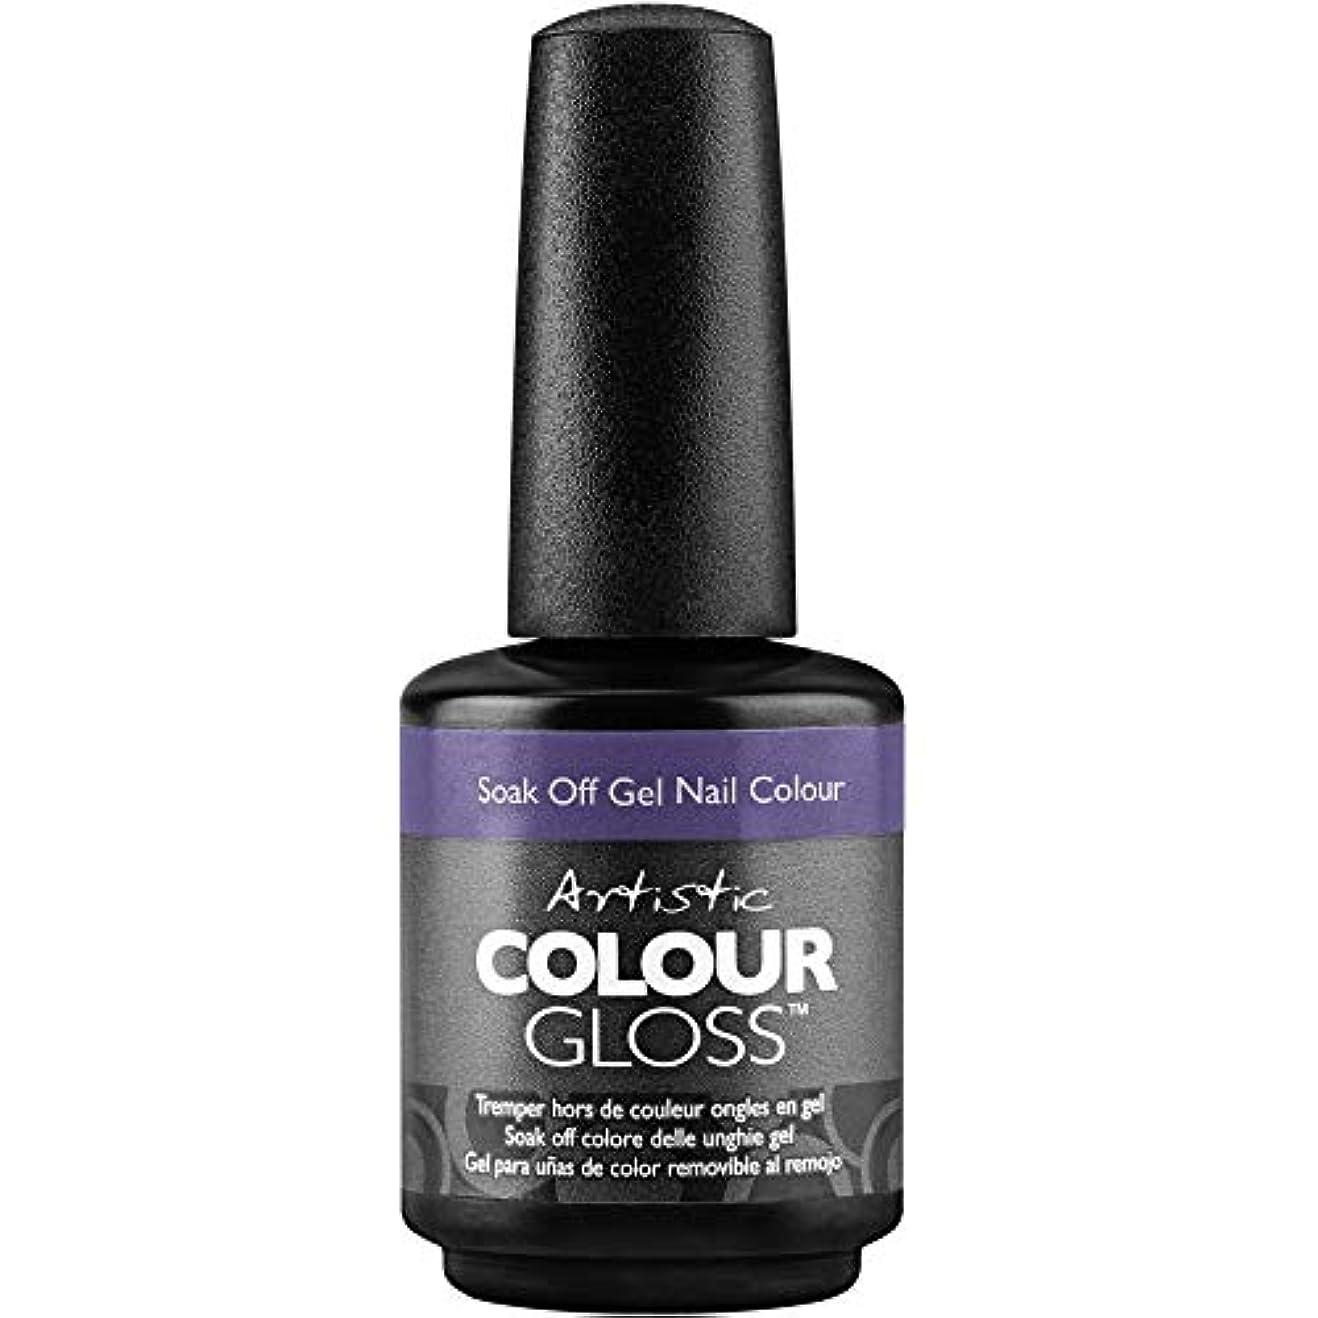 トレード南西先例Artistic Colour Gloss - Baes of the Bay - 0.5oz / 15ml